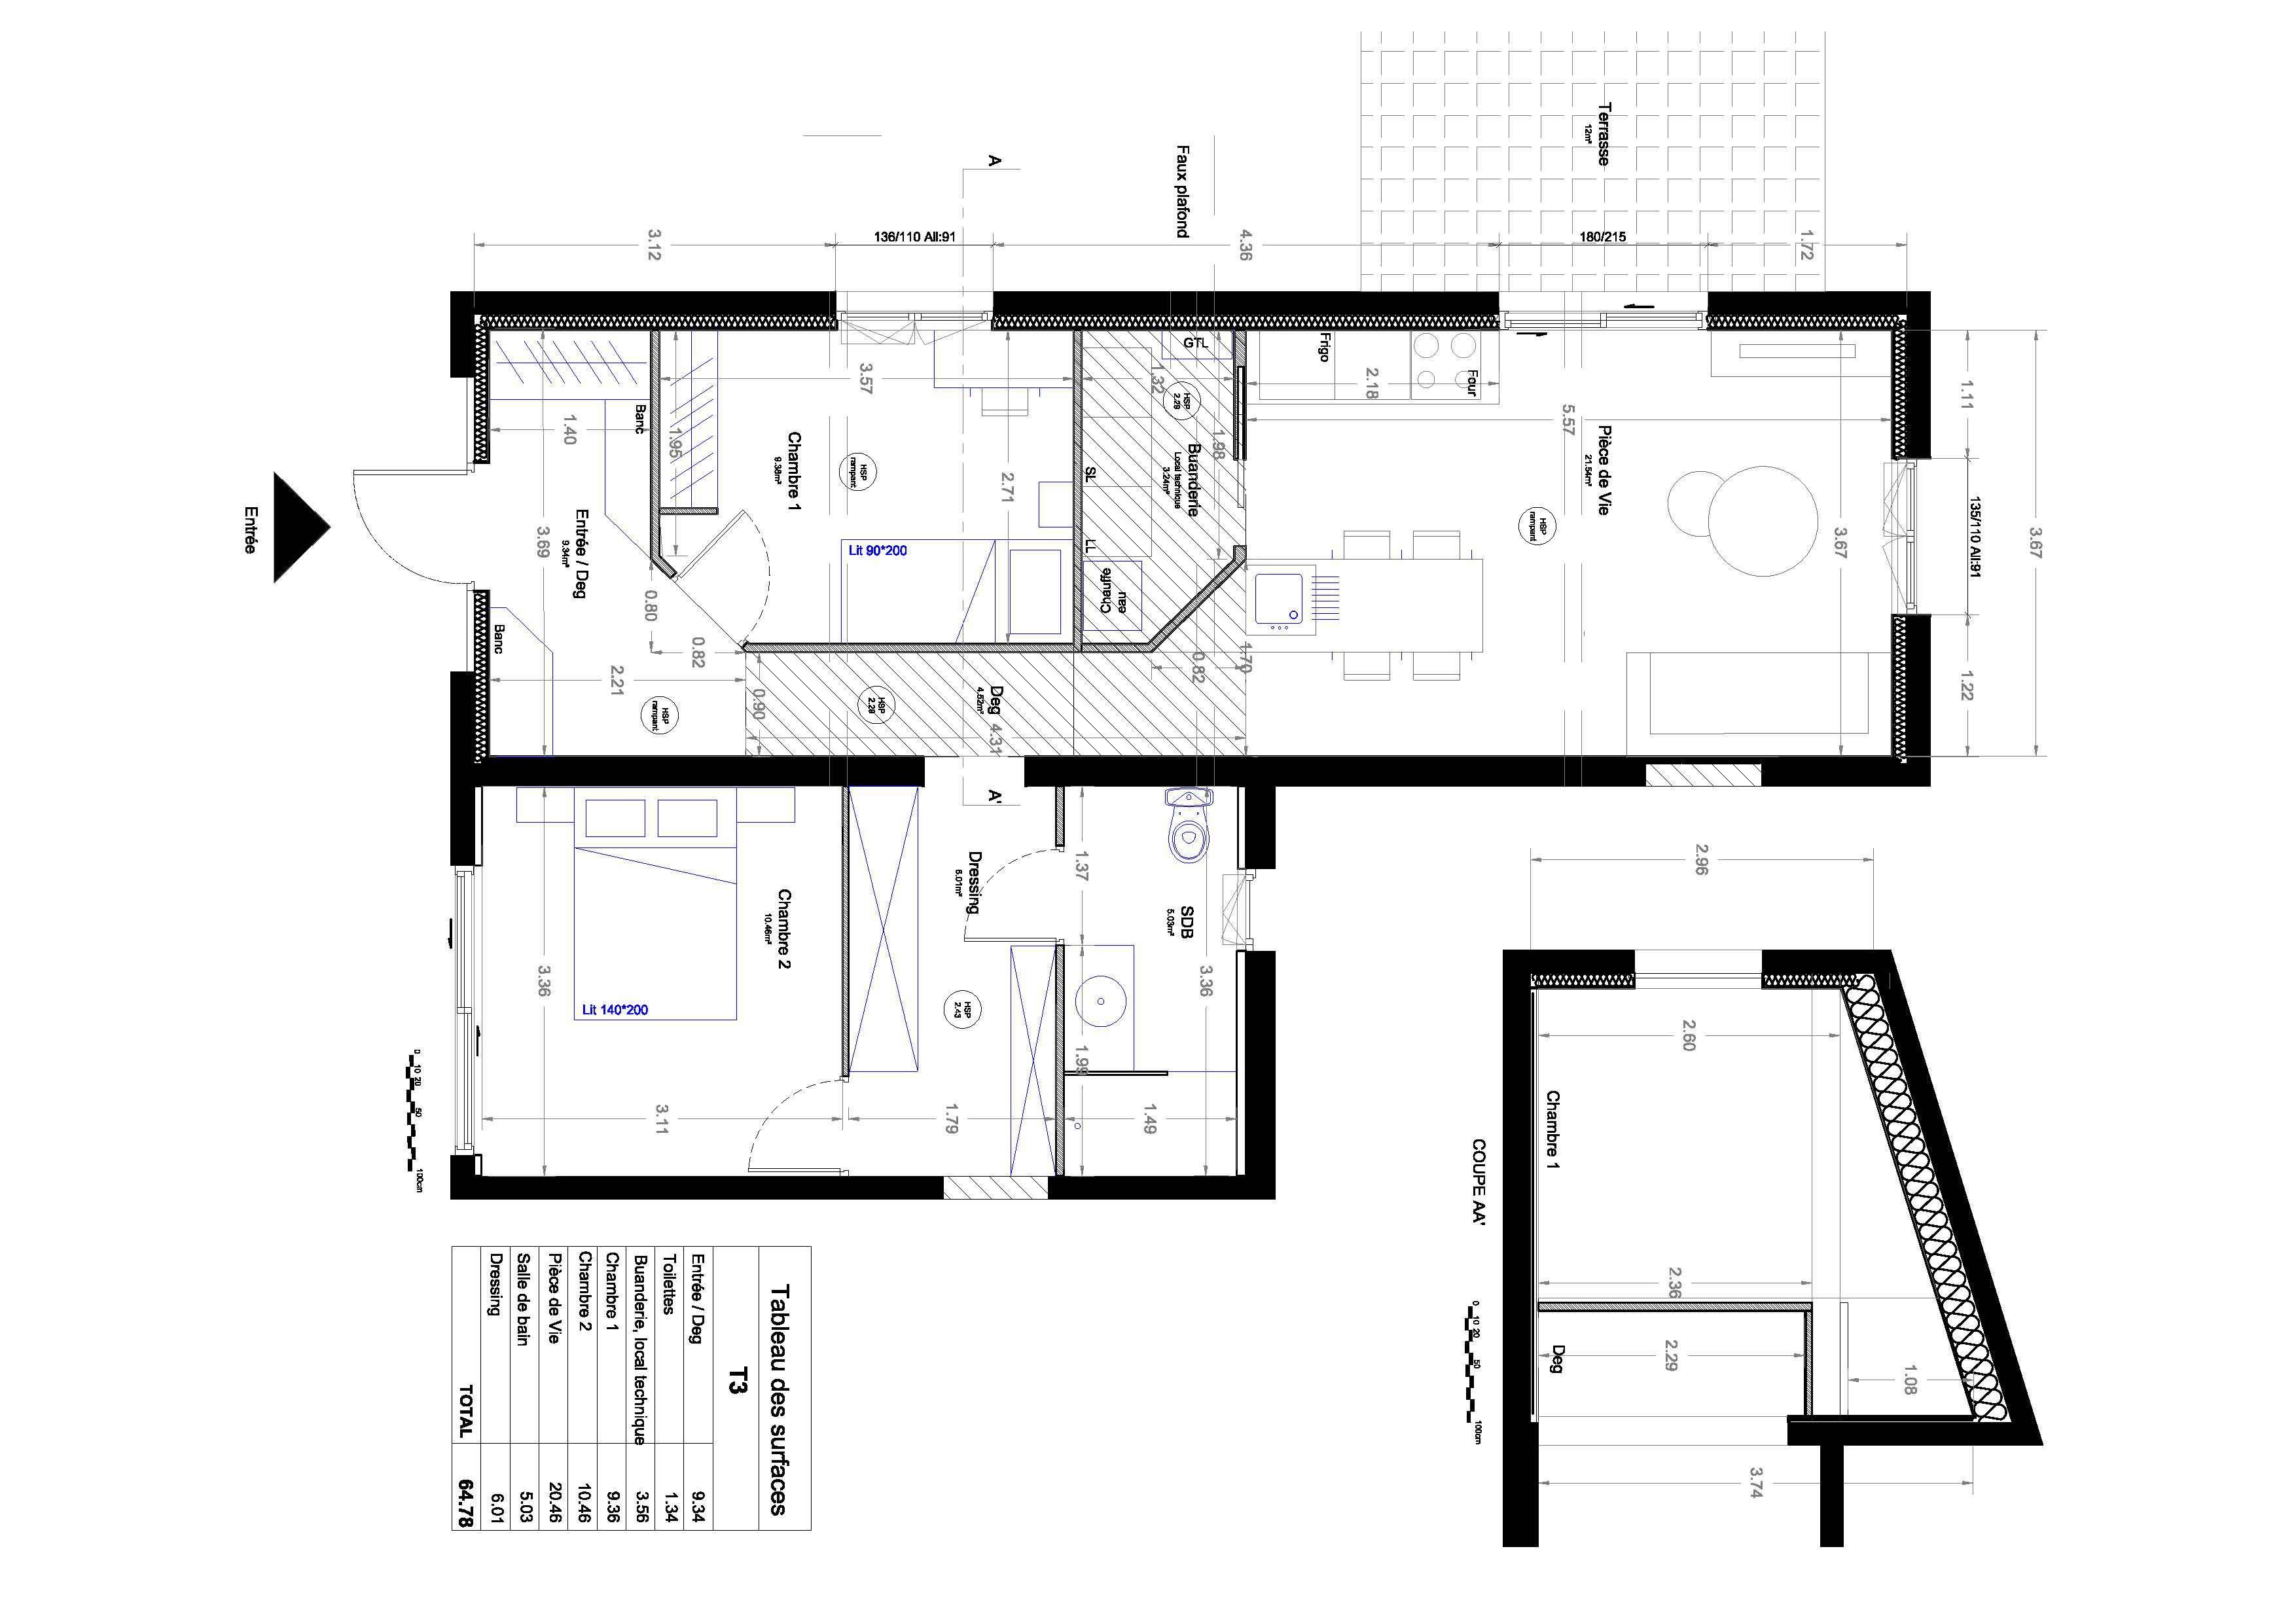 Plan petit logement - garage  21072020-page-001